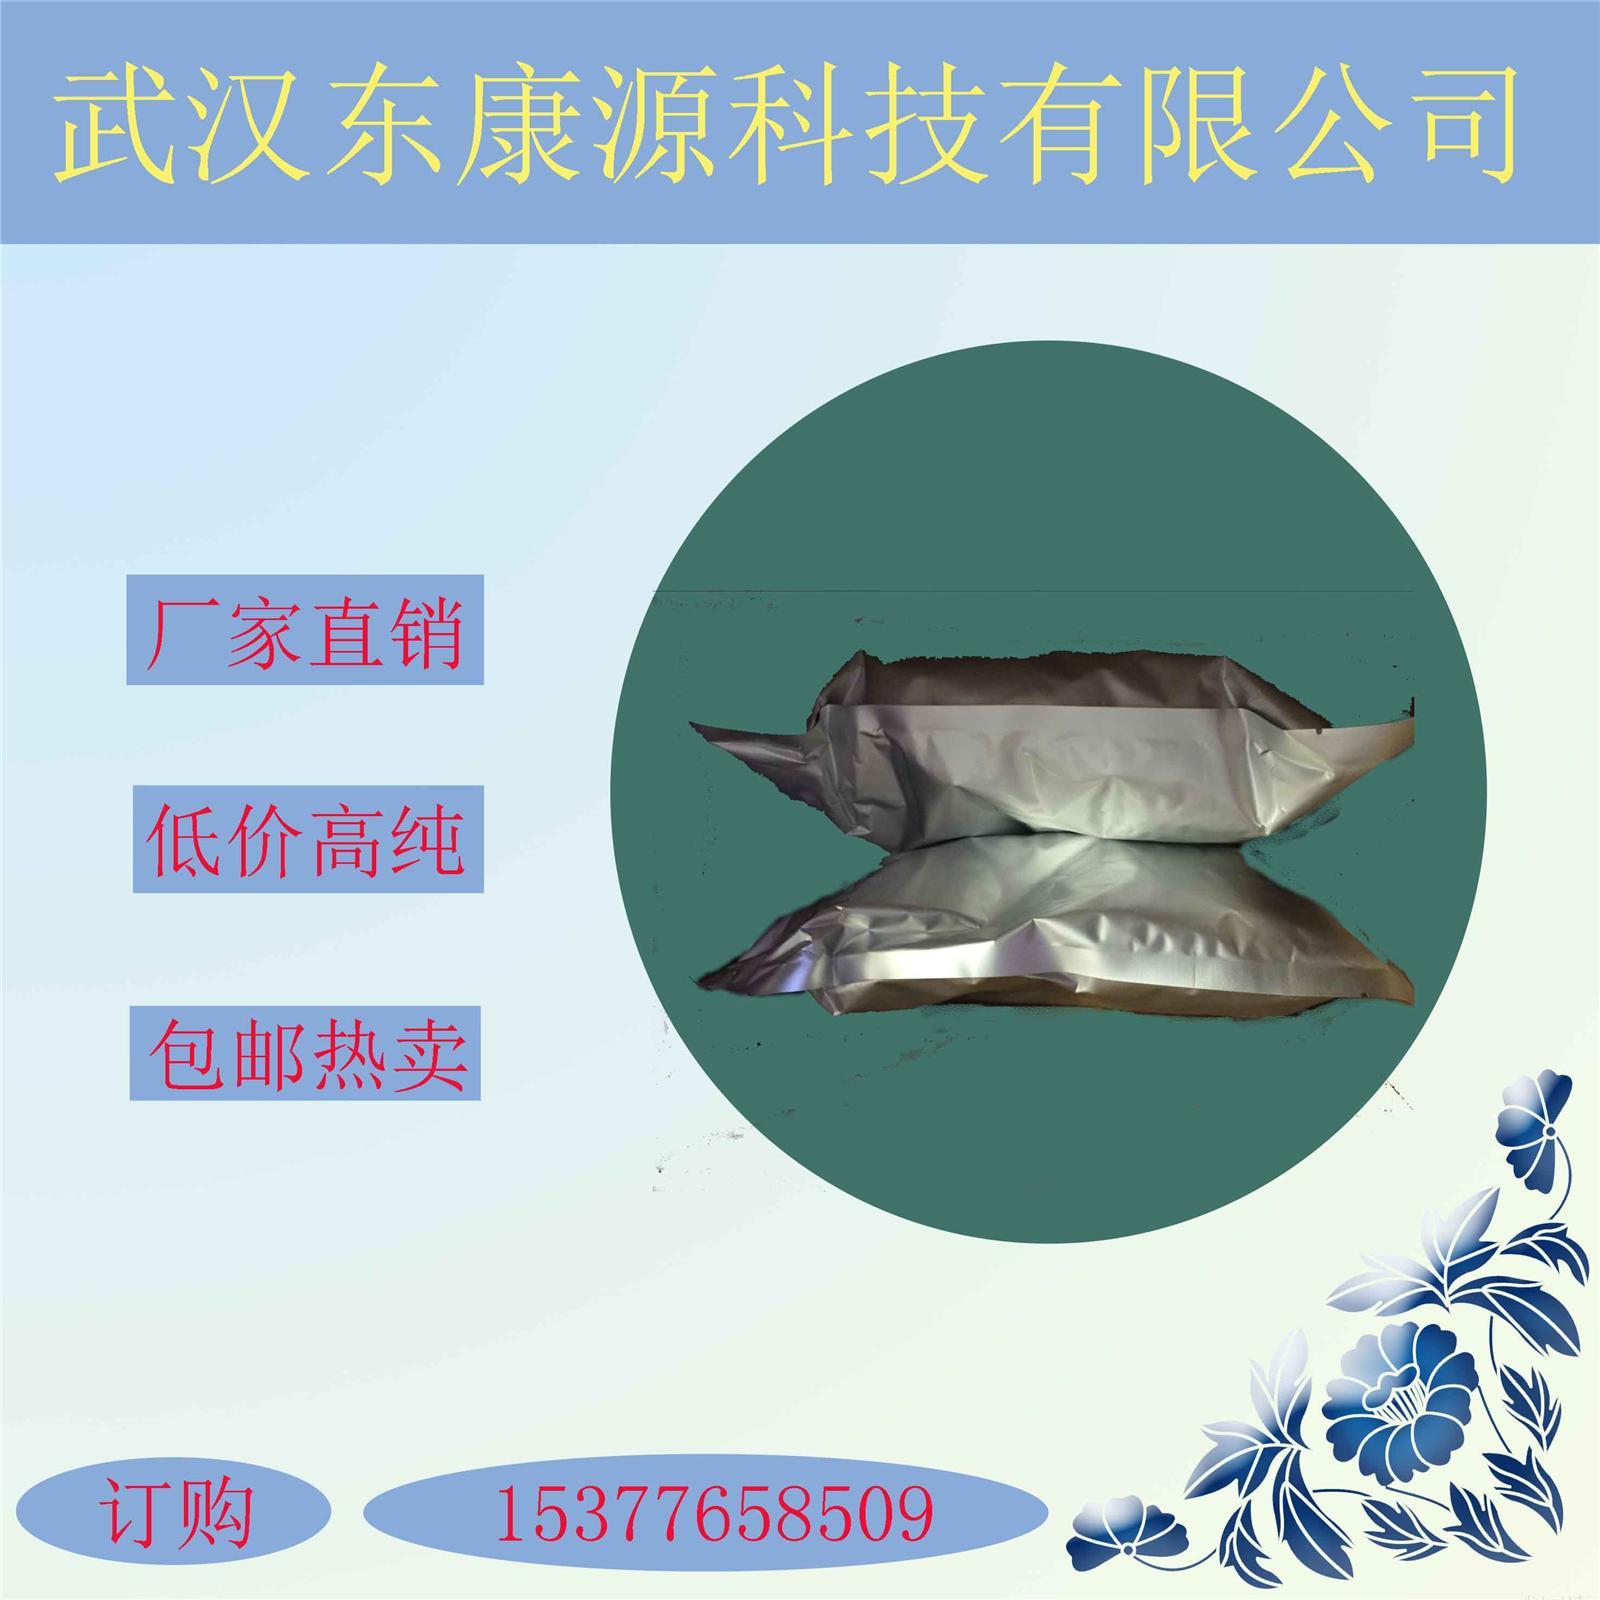 丙酸睾酮(57-85-2)